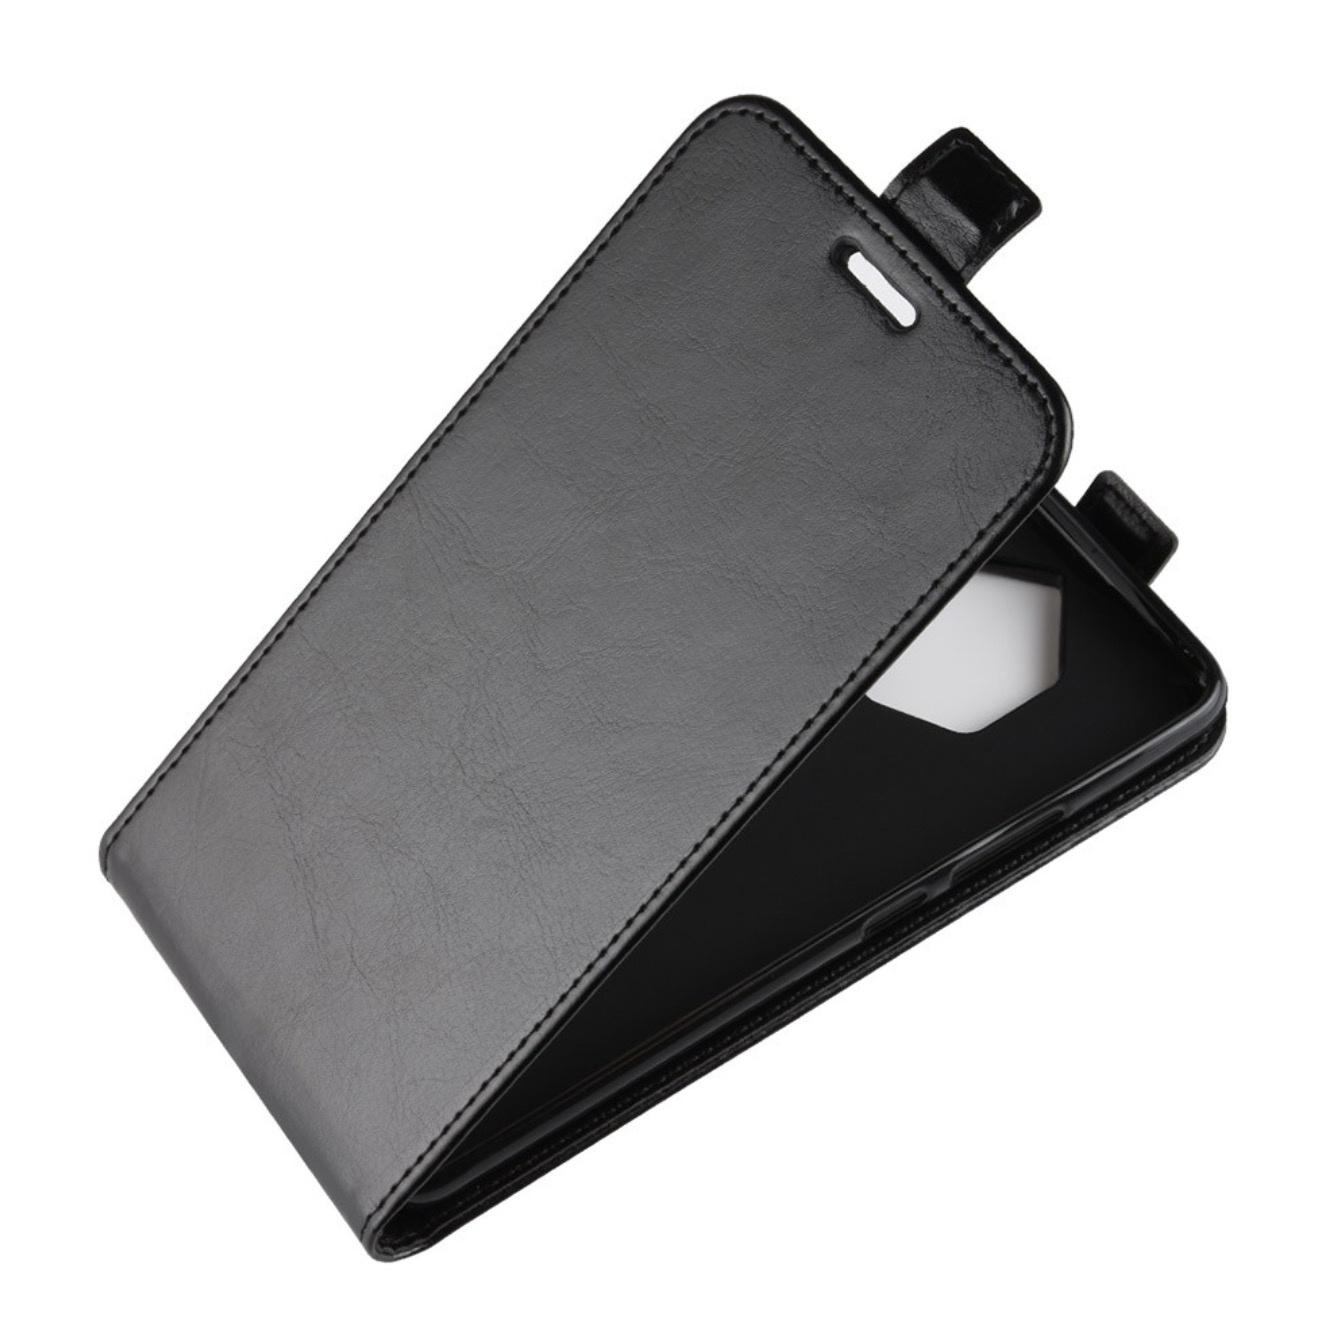 Чехол-флип MyPads для Jiayu G3/G3S вертикальный откидной черный